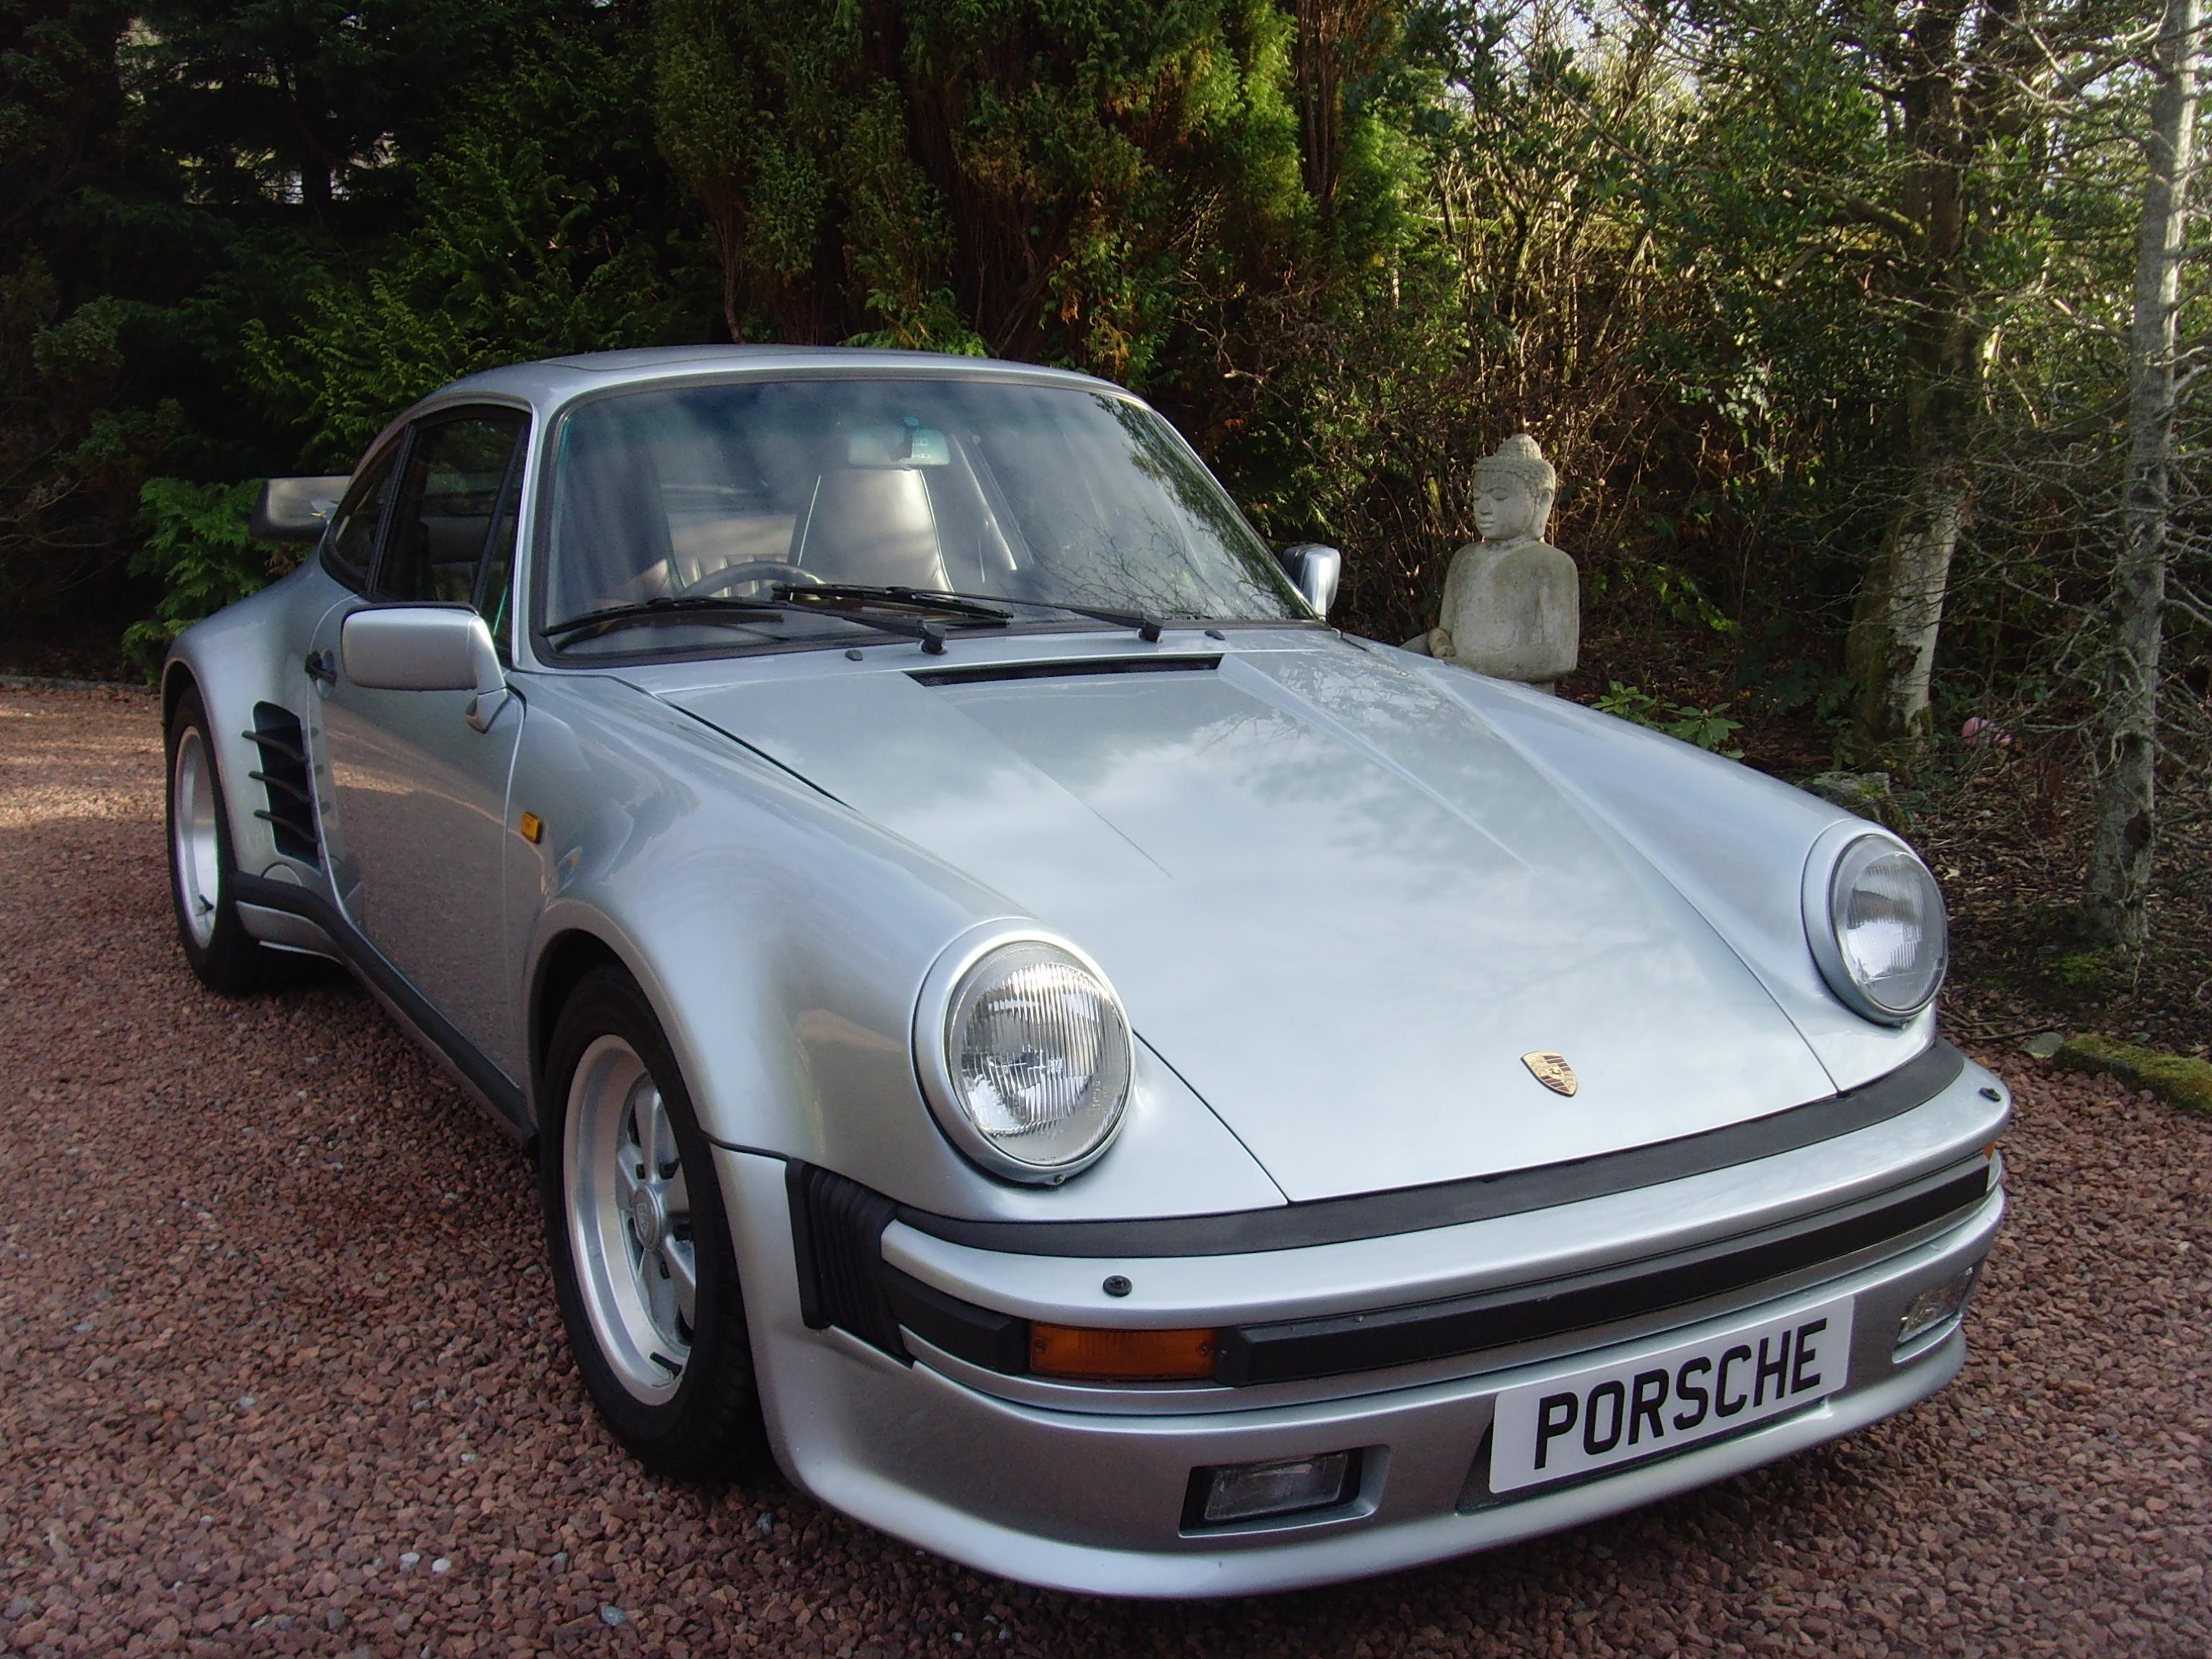 Porsche 911le Turbo Border Reiversborder Reivers